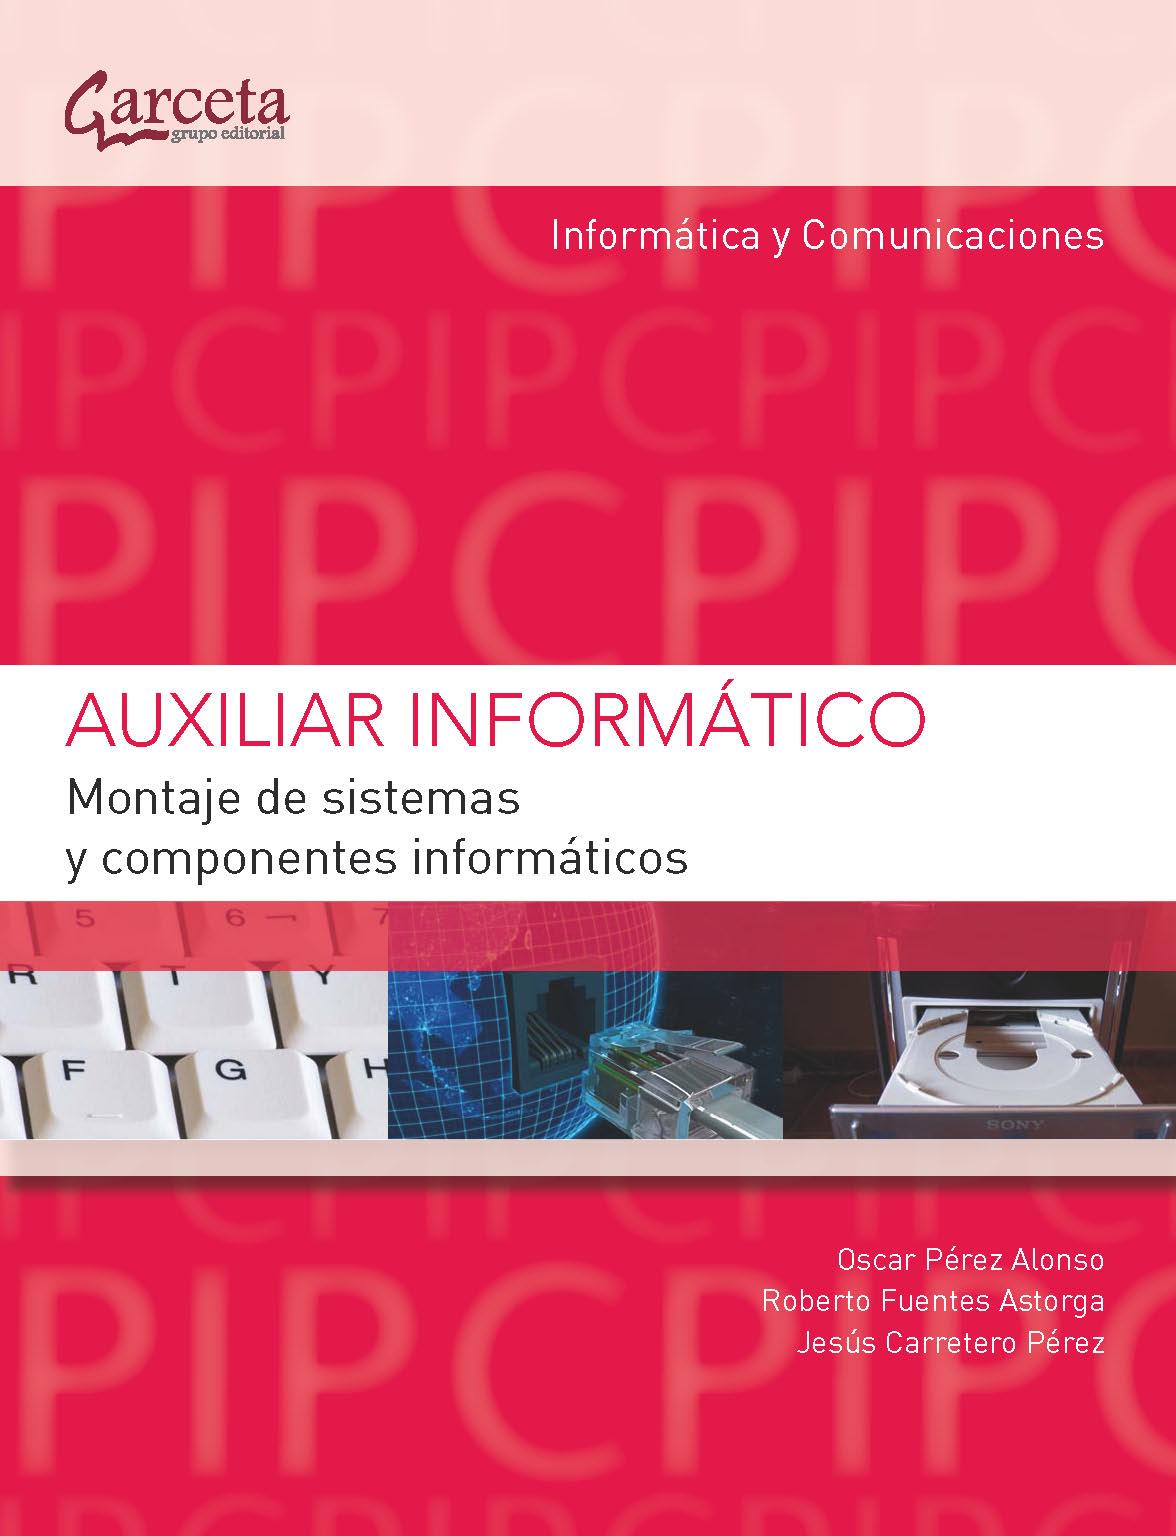 MONTAJE DE SISTEMAS Y COMPONENTES INFORMATICOS